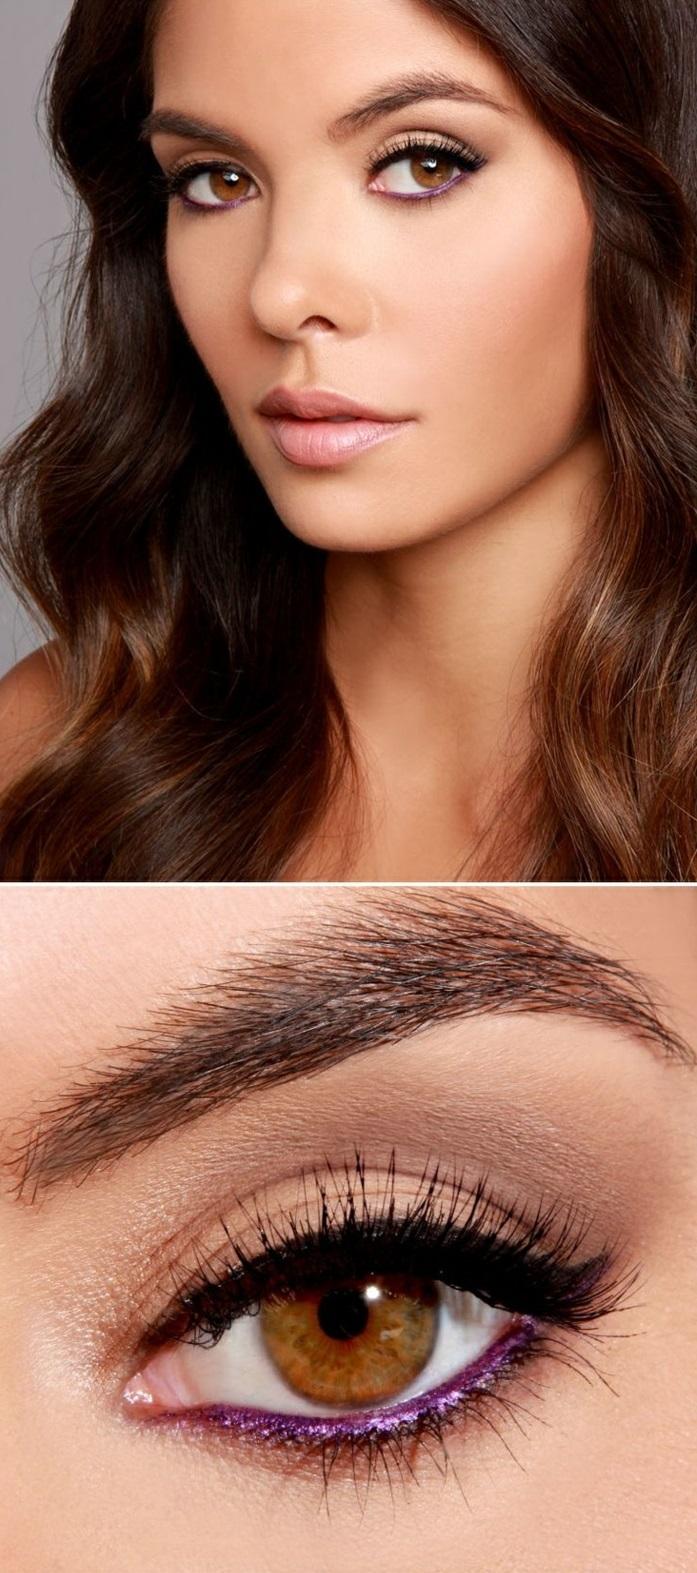 maquillage-yeux-marron-soirée